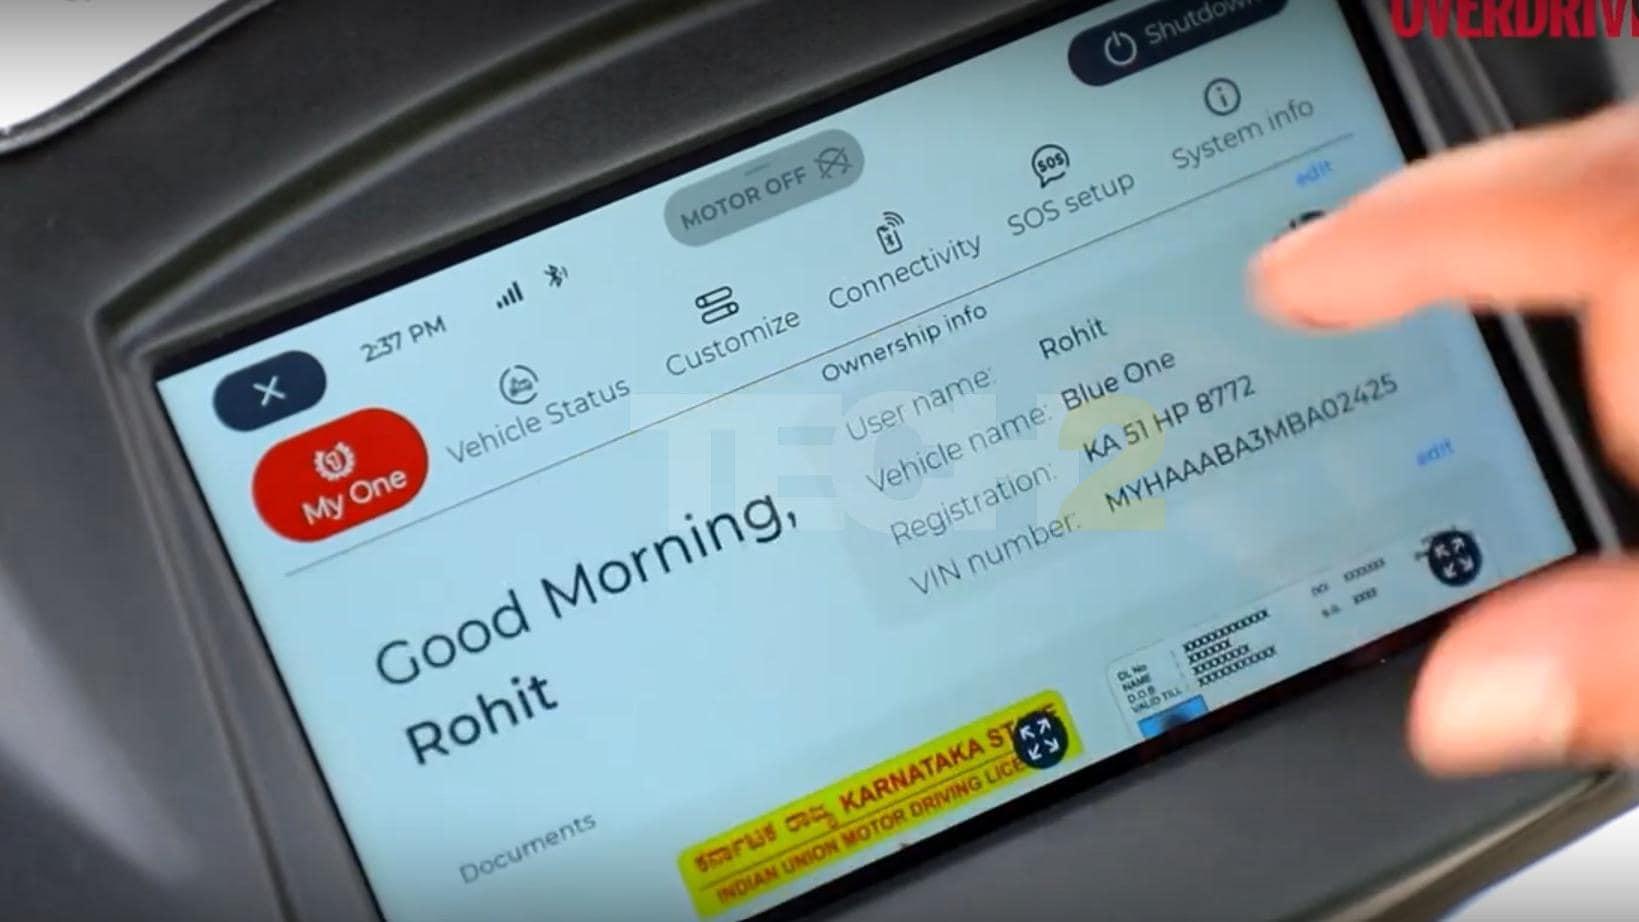 El VIN y el registro en la pantalla del Simple One pertenecen a un Ather 450X.  Imagen: Overdrive